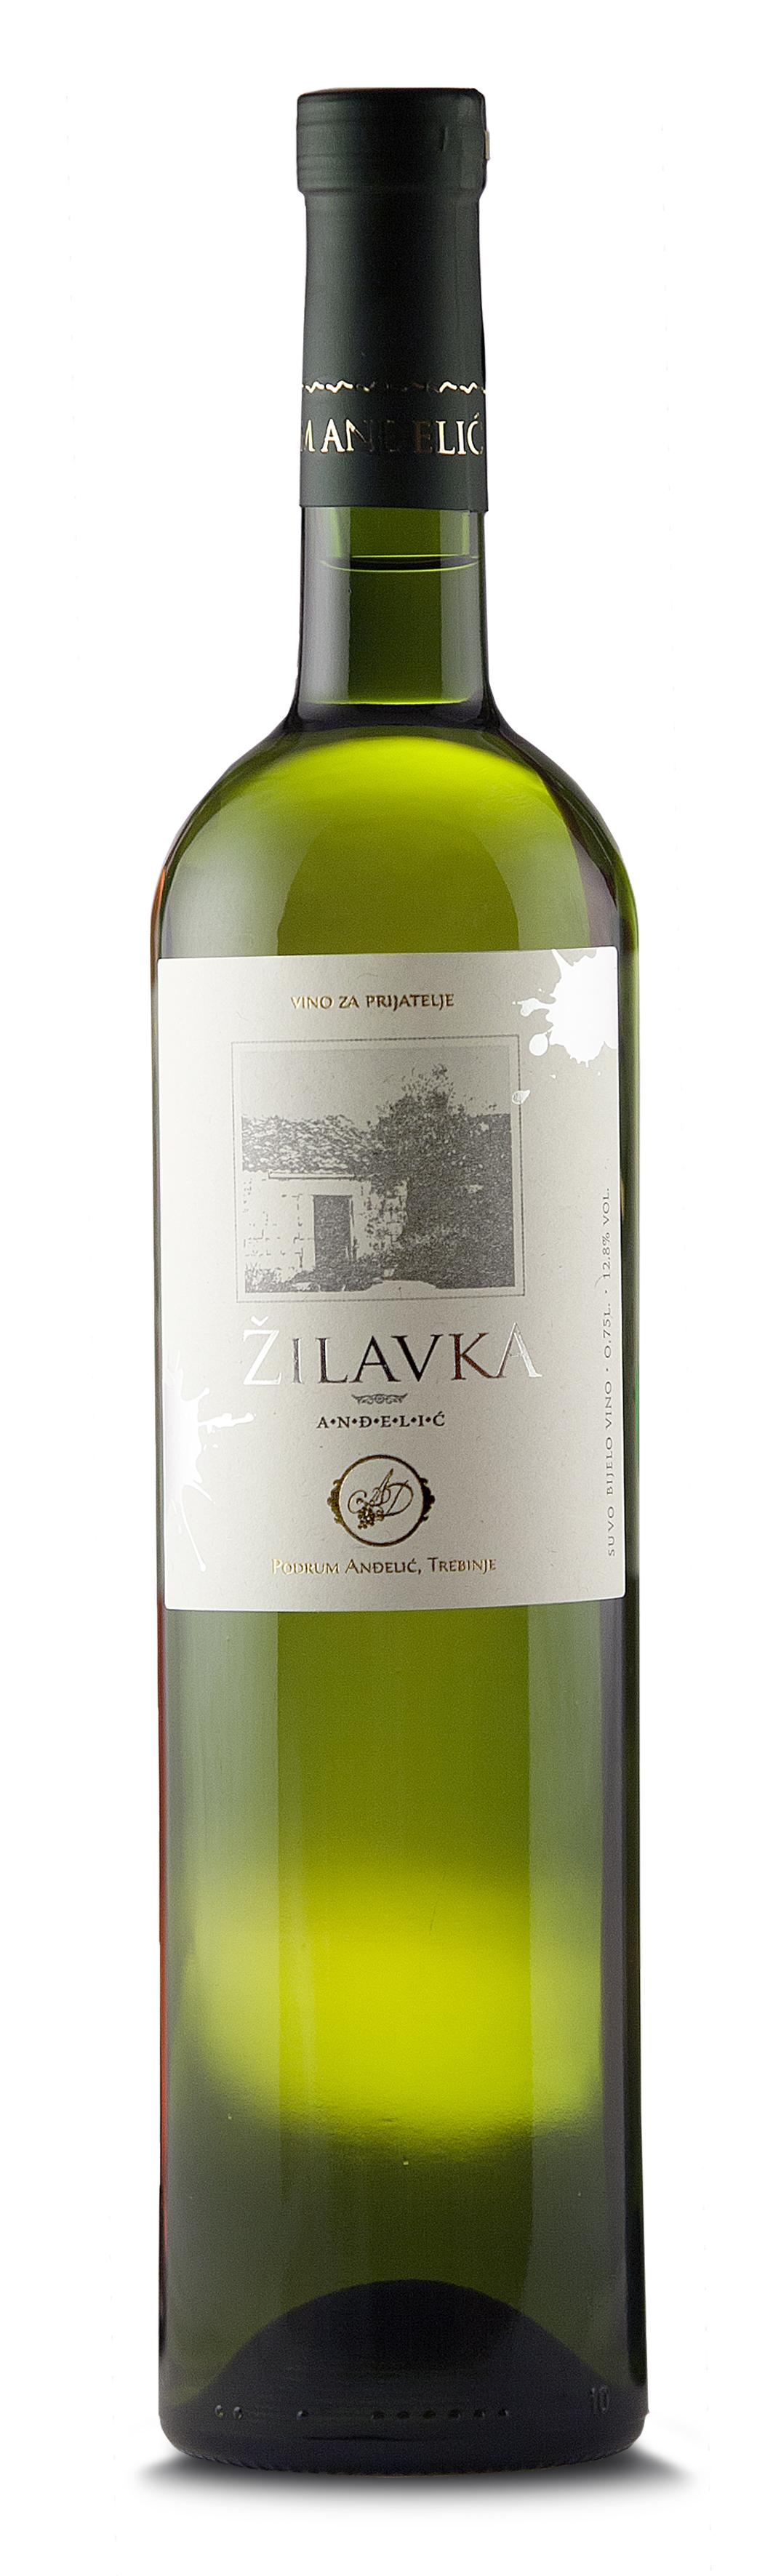 Podrum Anđelić Trebinje Belo vino Žilavka Anđelić, White wine